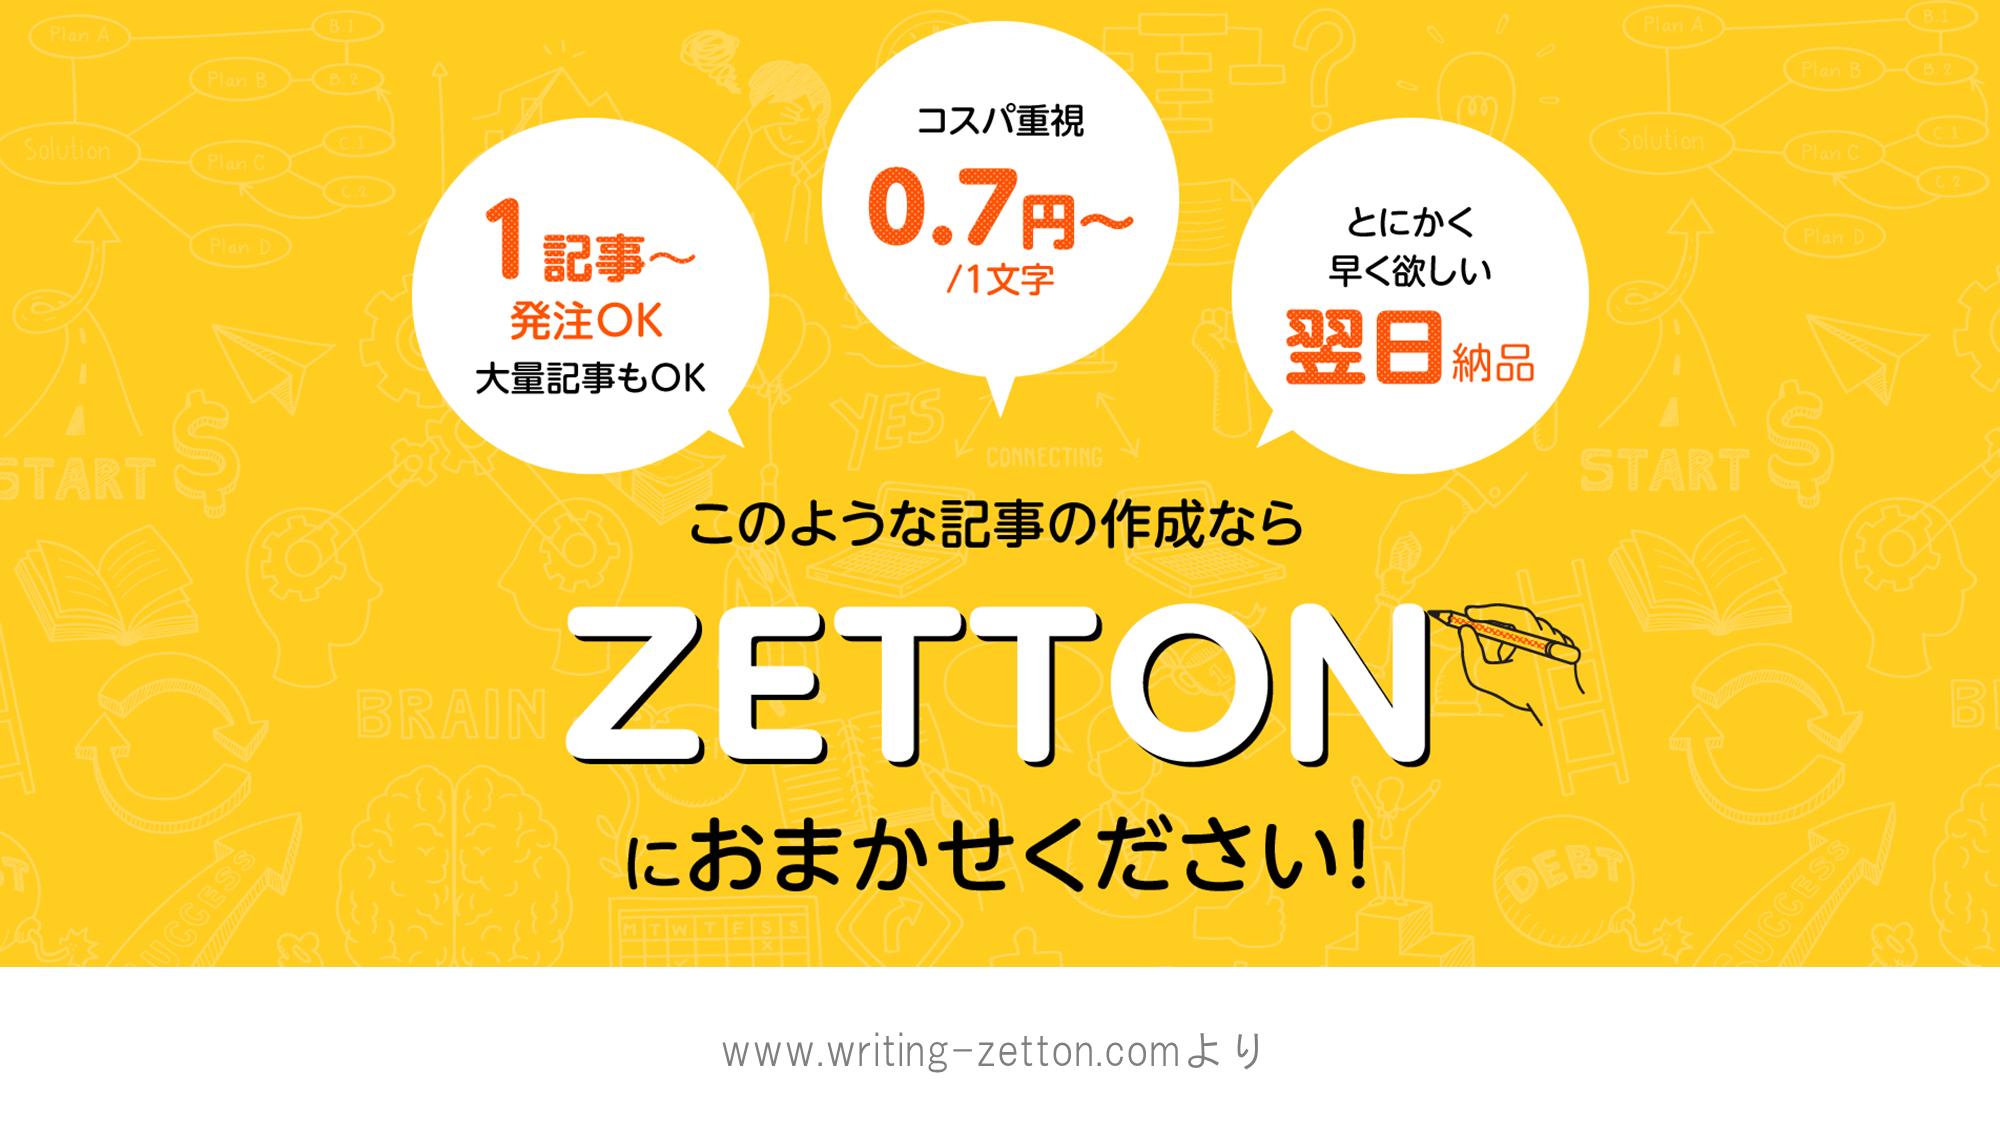 ゼットン記事作成会社